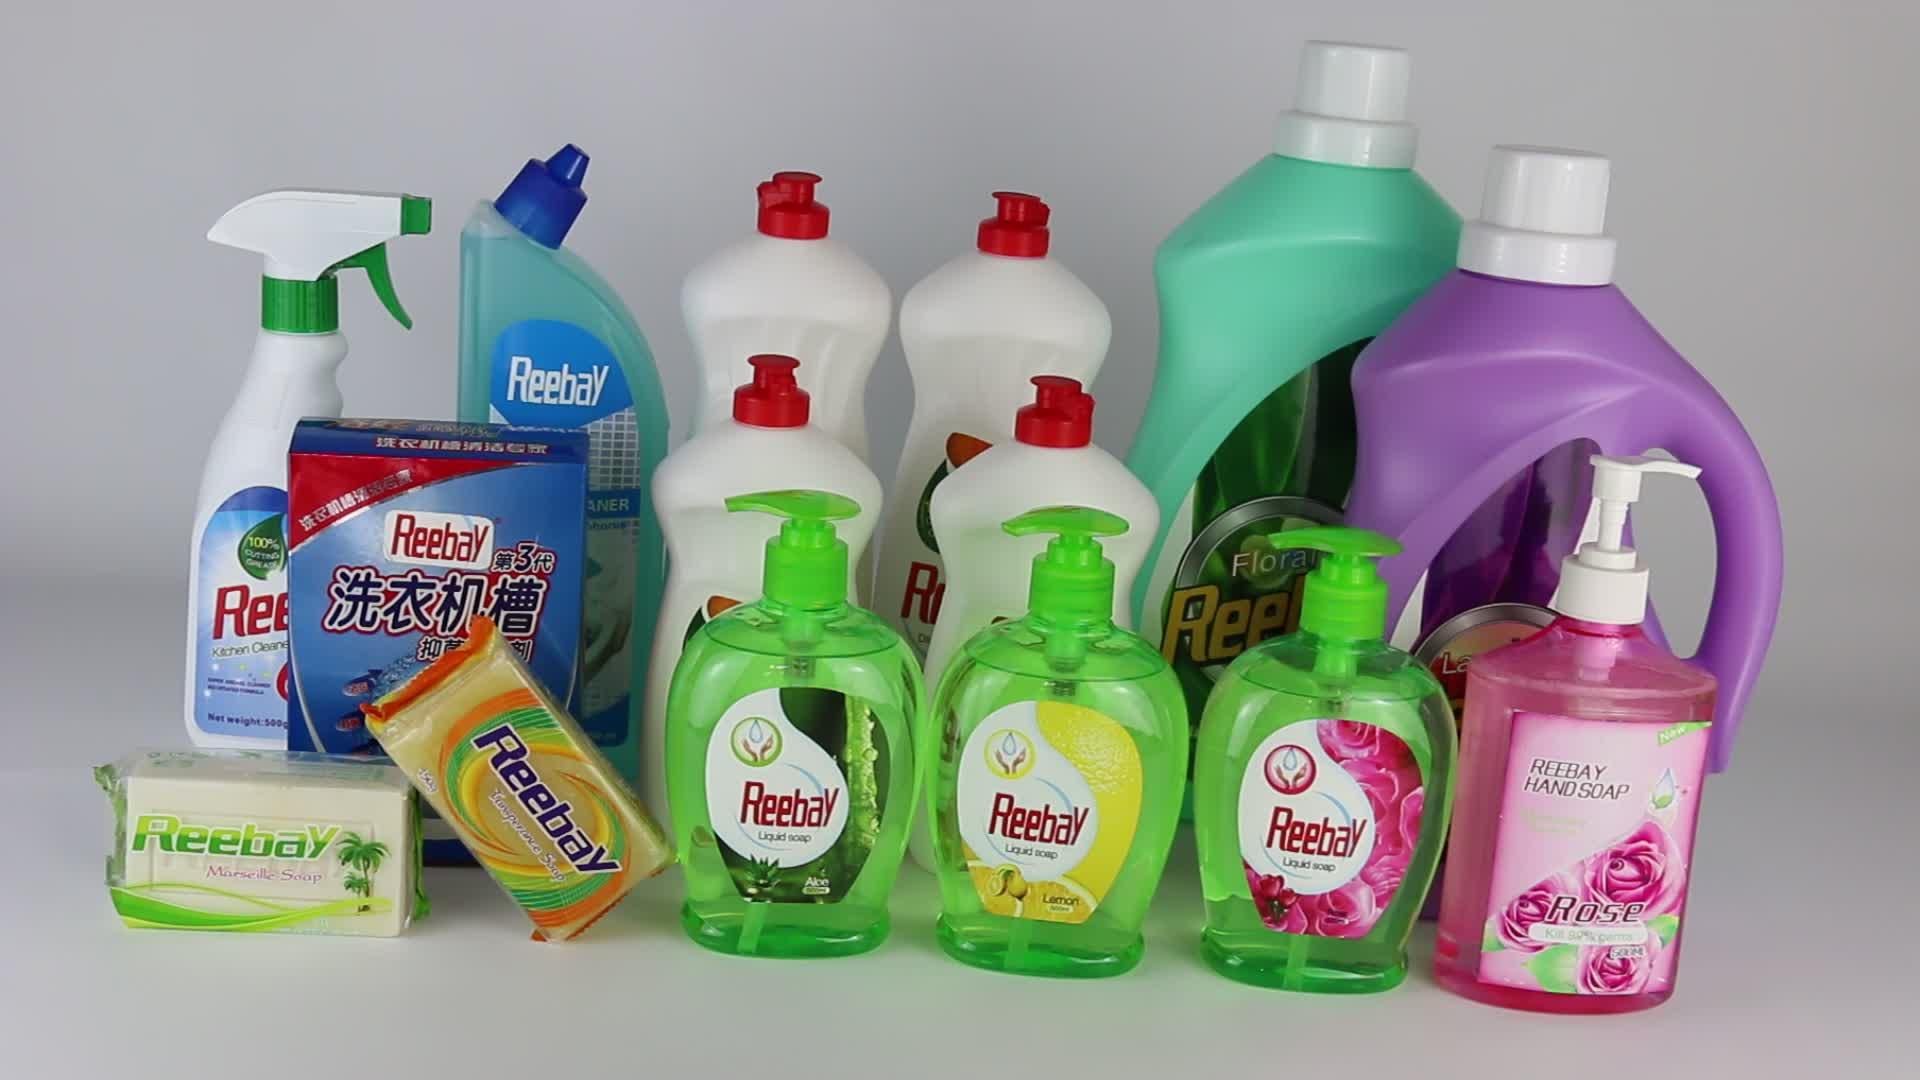 良い匂い洗濯洗剤でバルク